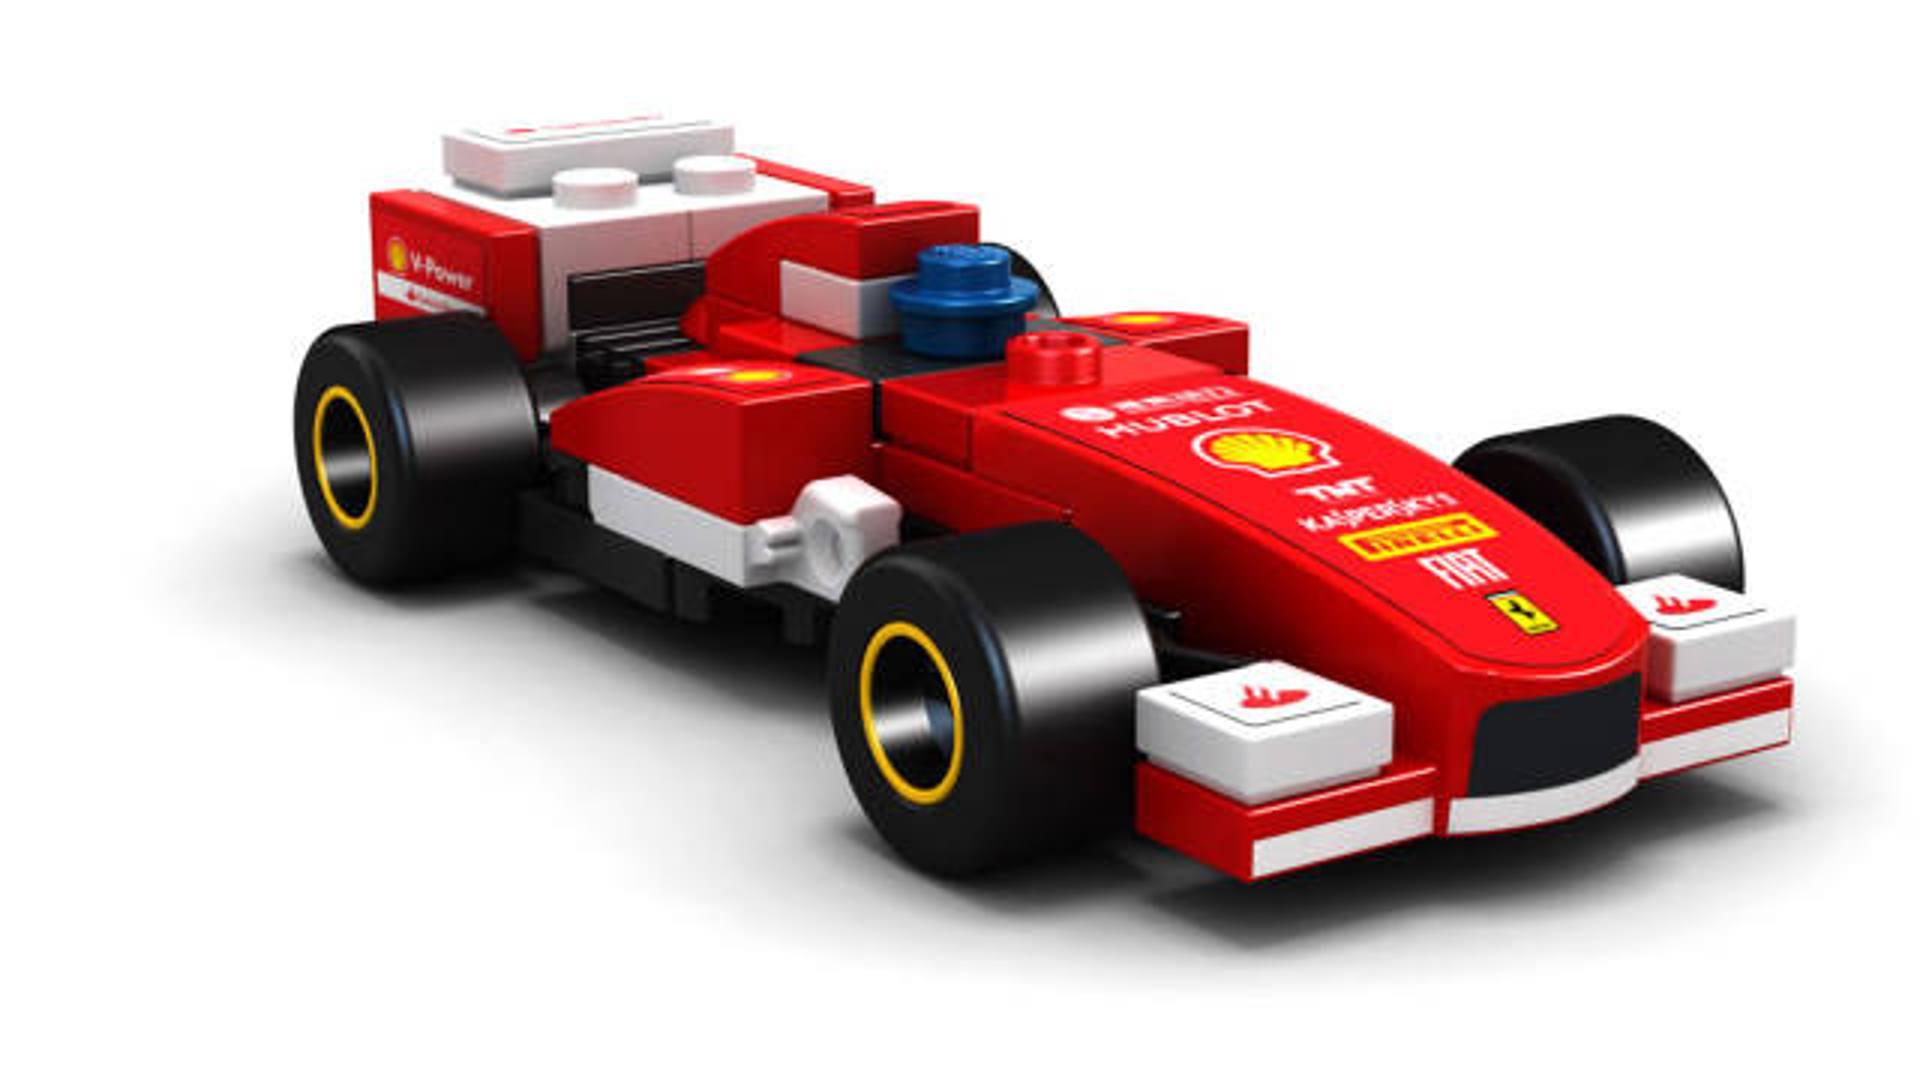 La Ferrari Di Lego La Gazzetta Dello Sport